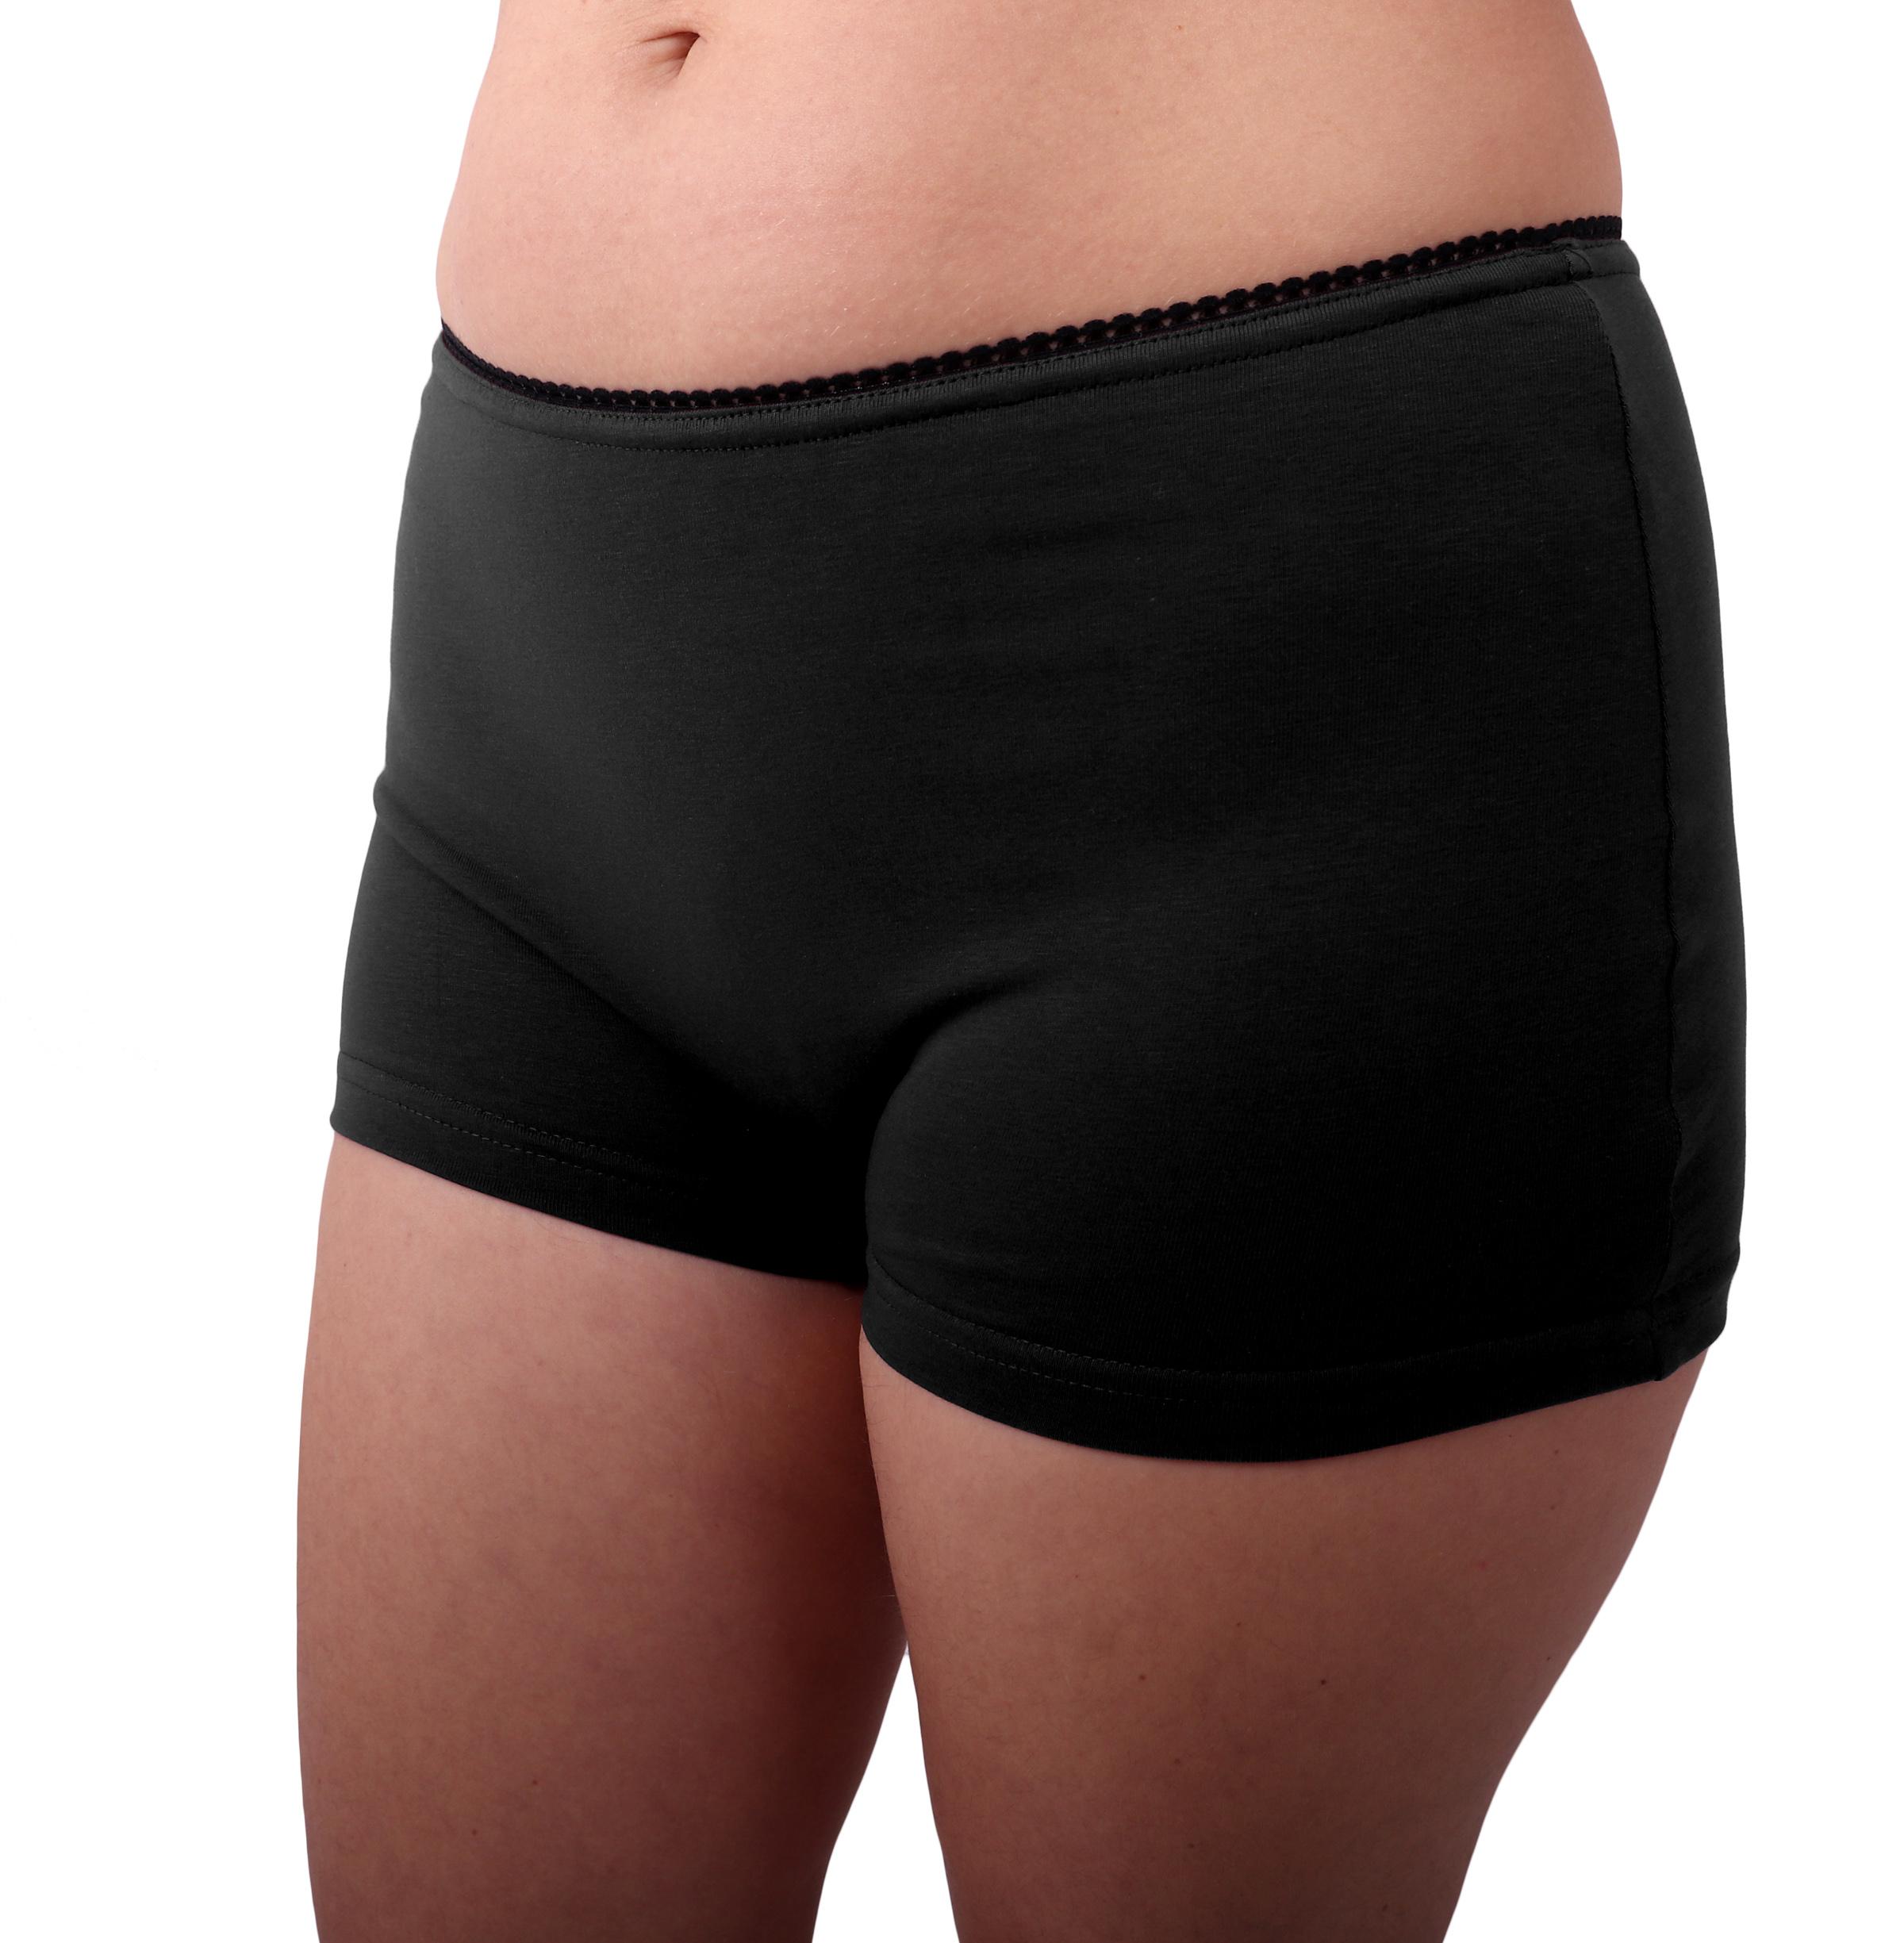 Dámské kalhotky bavlněné, nohavičkové, černé, 36